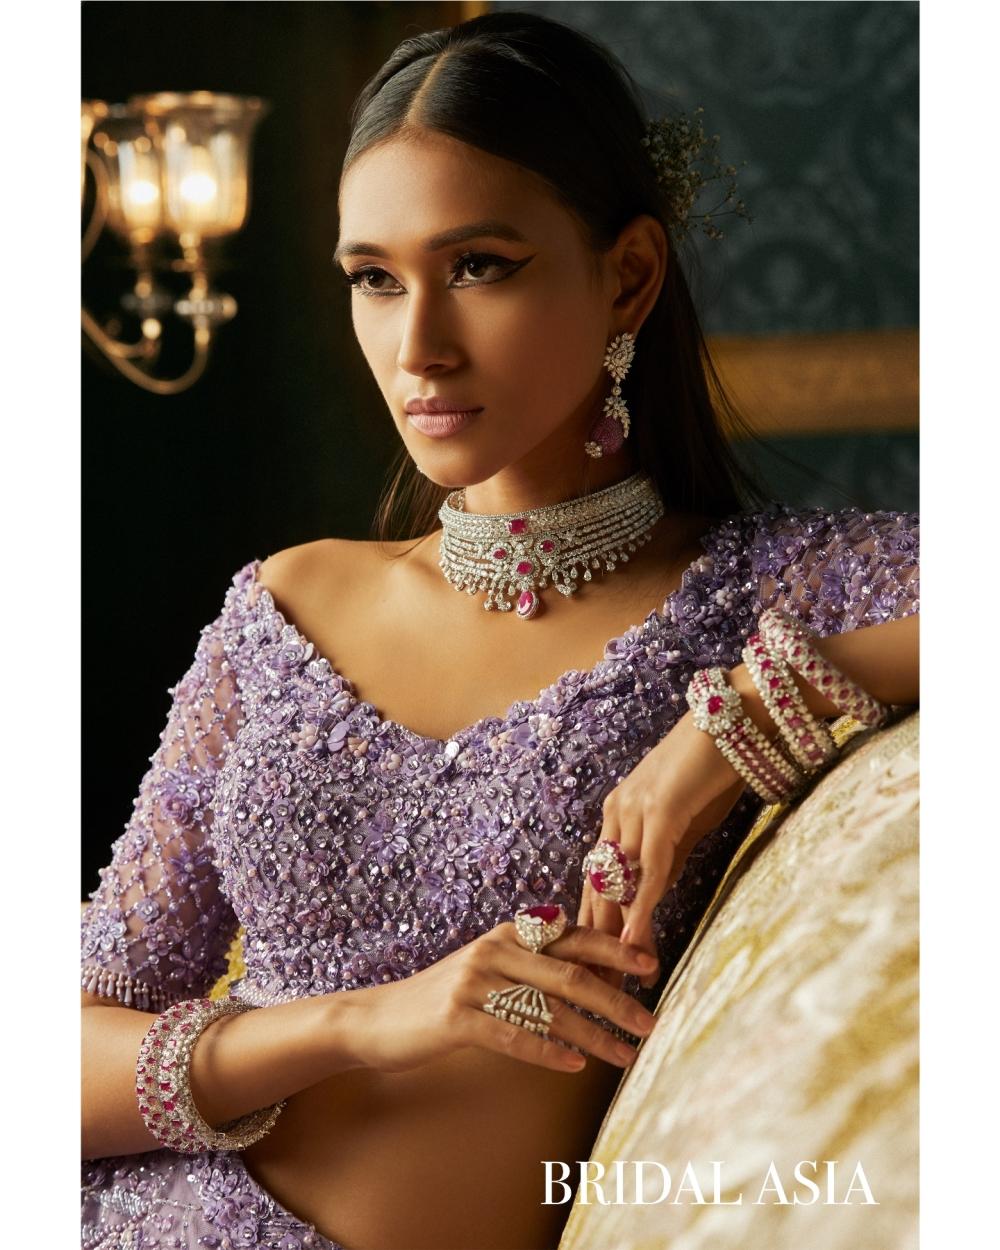 Bridal Asia Campaign - Nadine4w